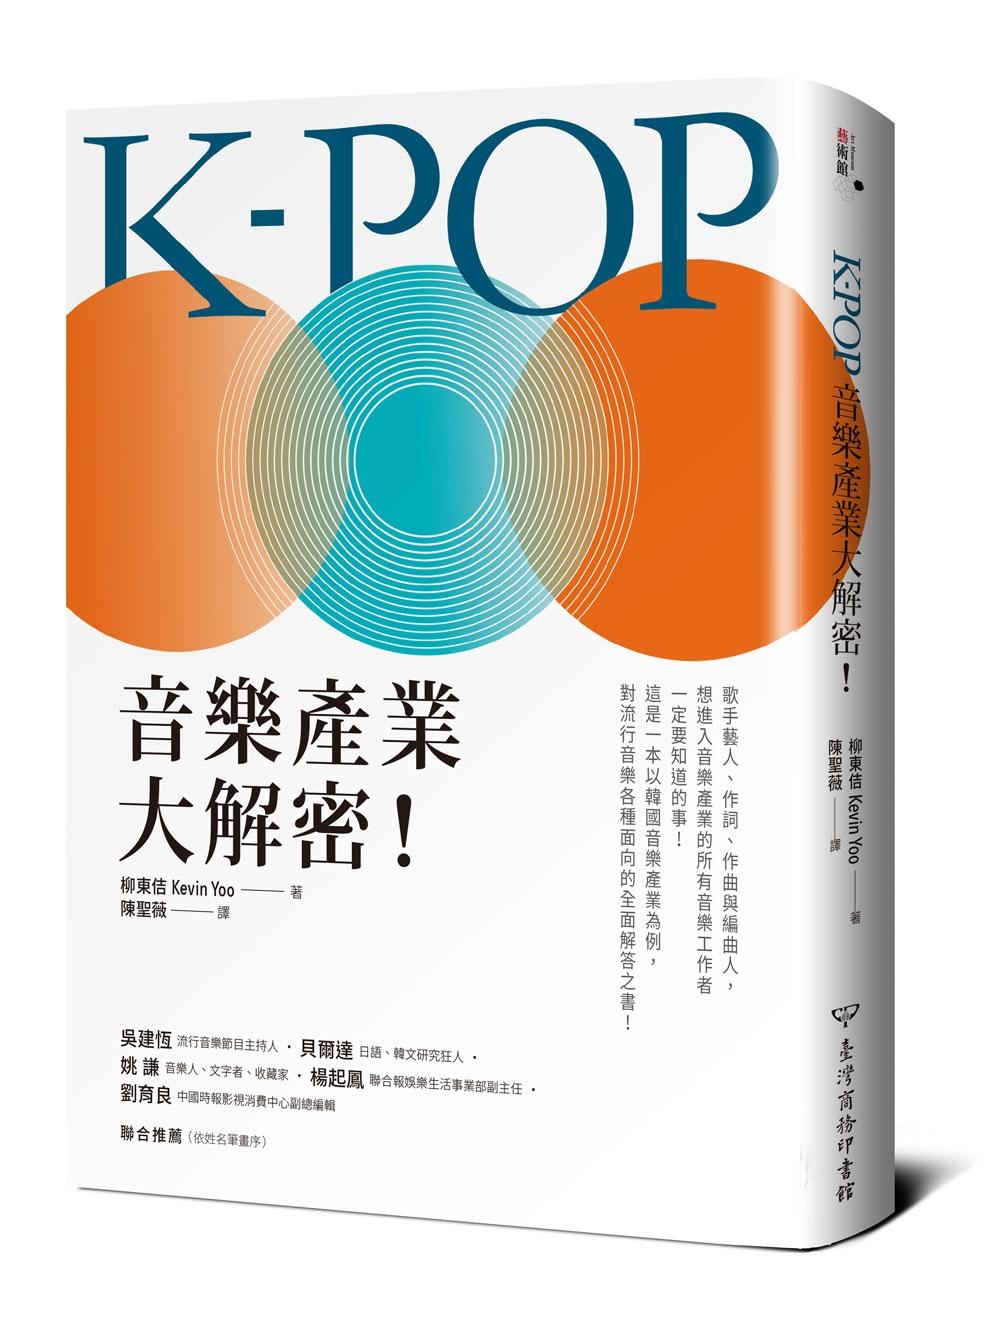 K-POP音樂產業大解密!